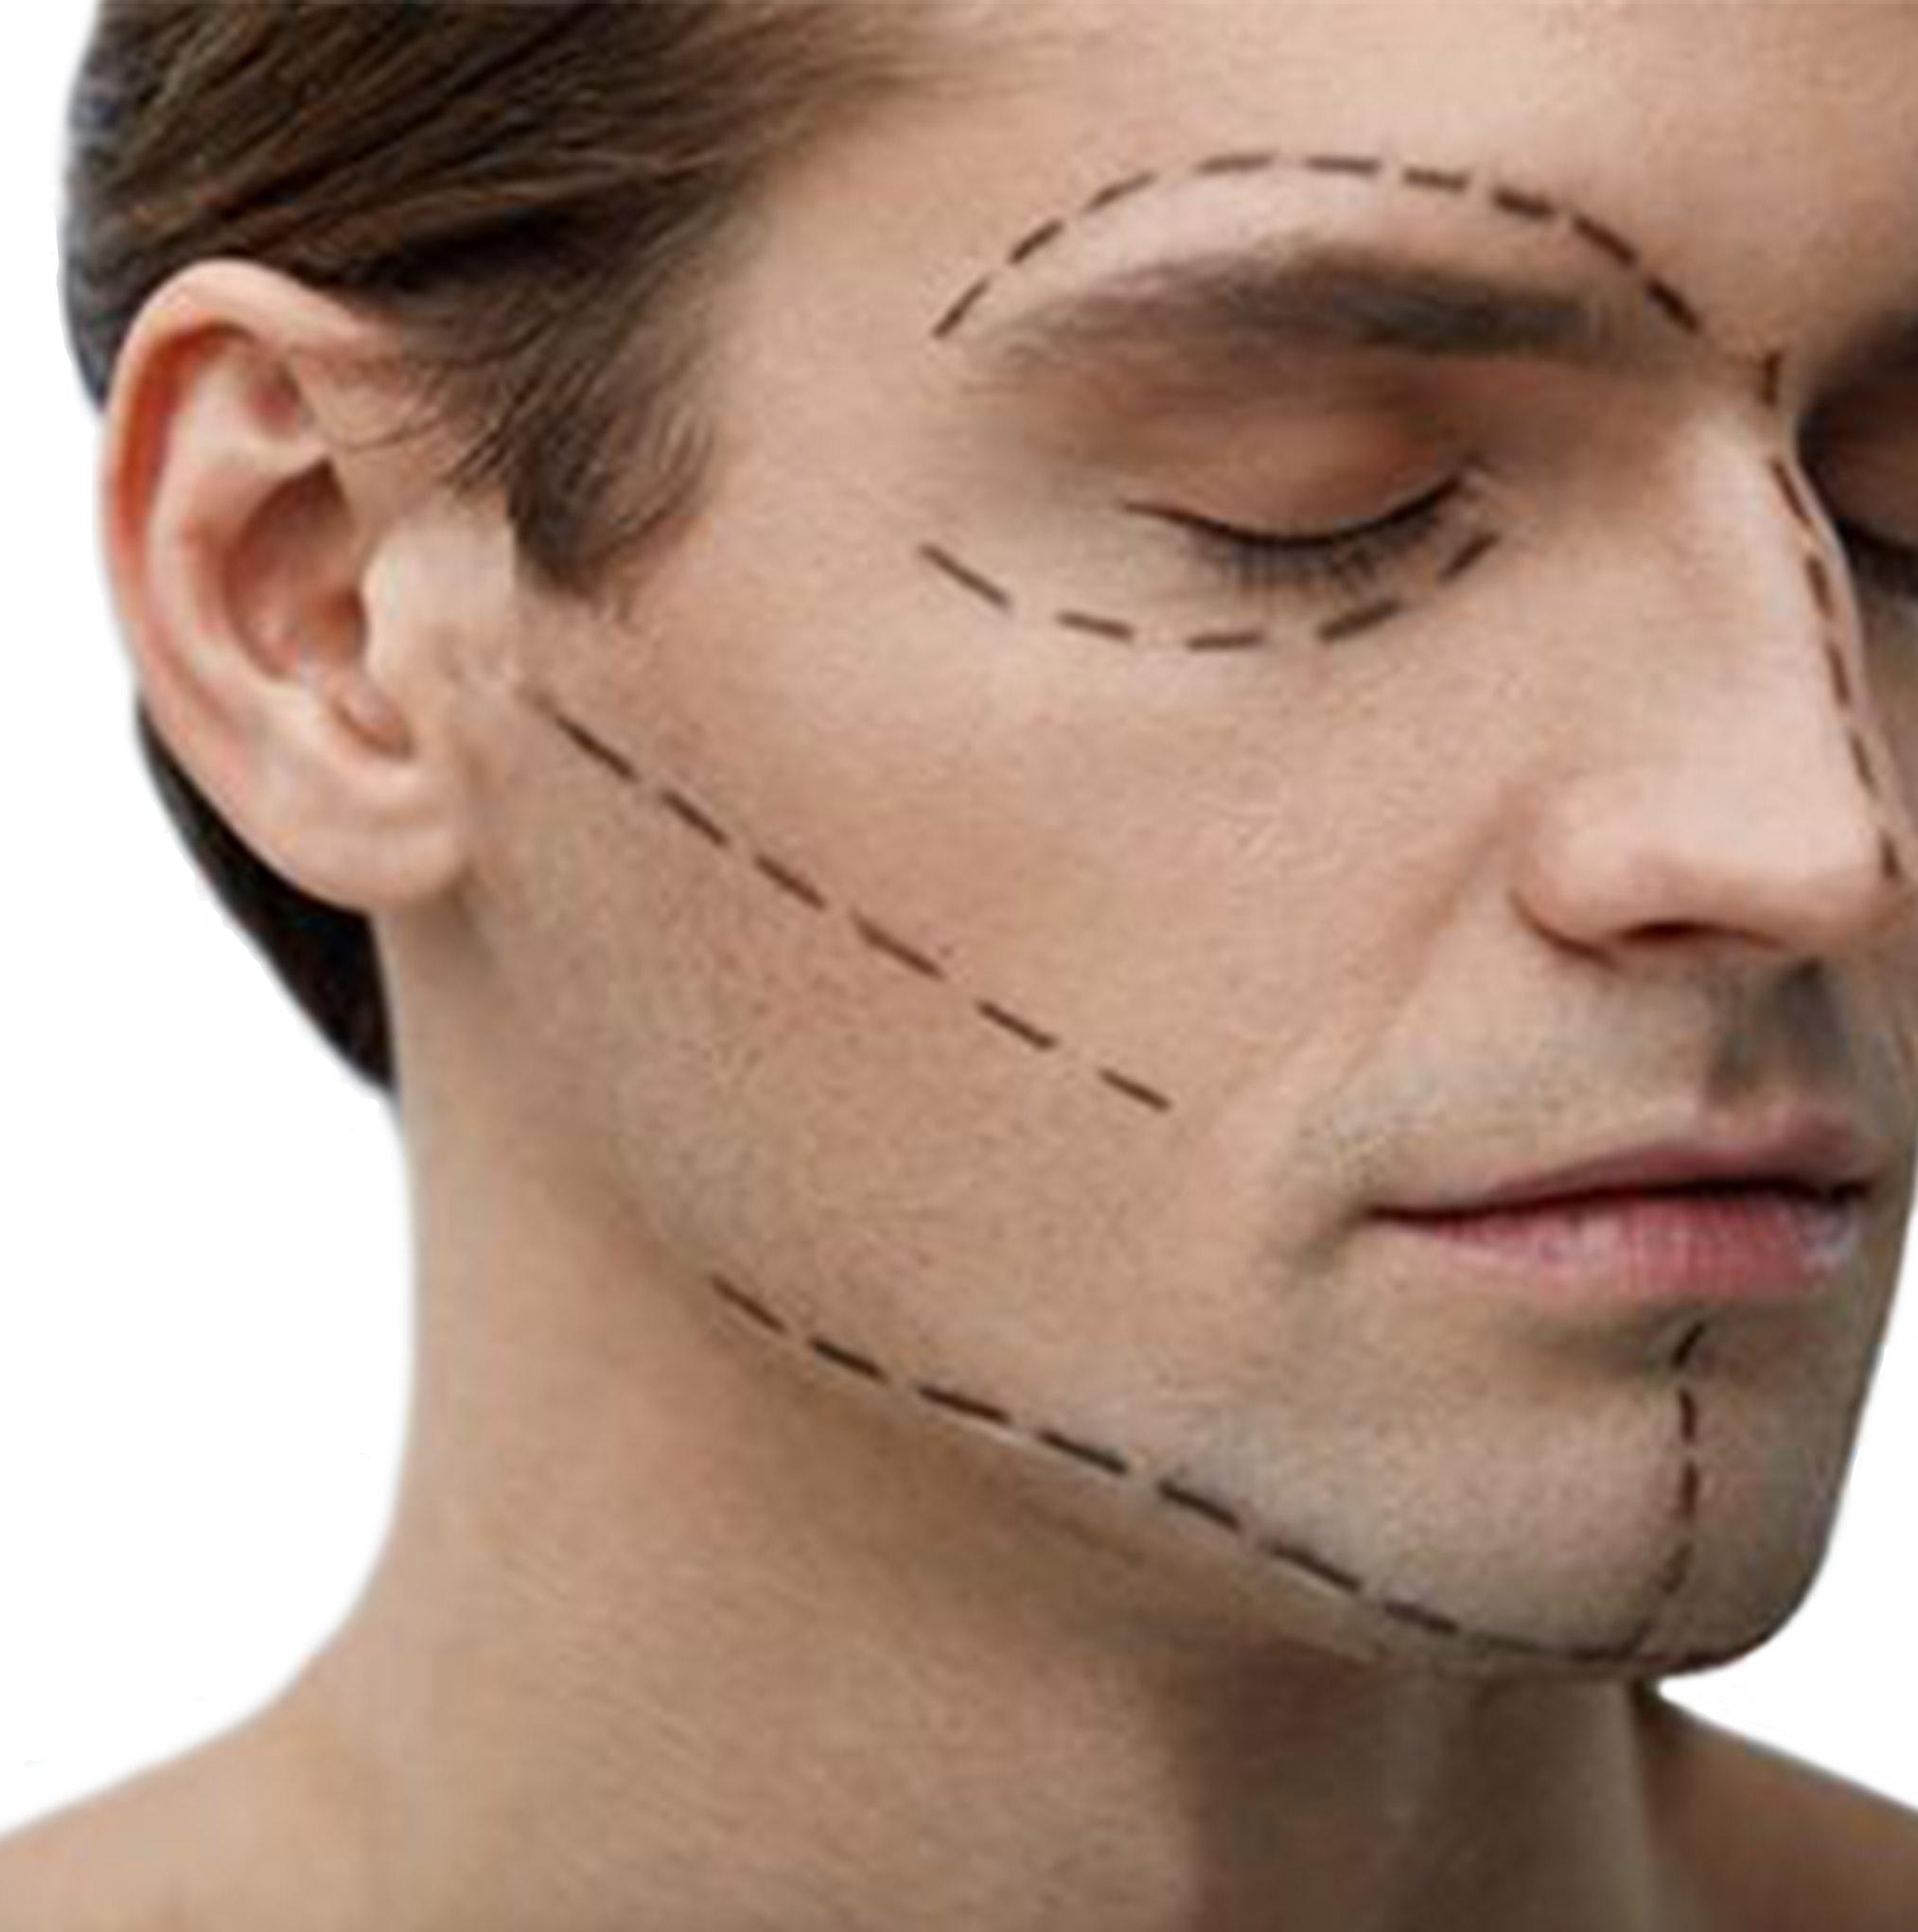 retendre peau du visage périgueux